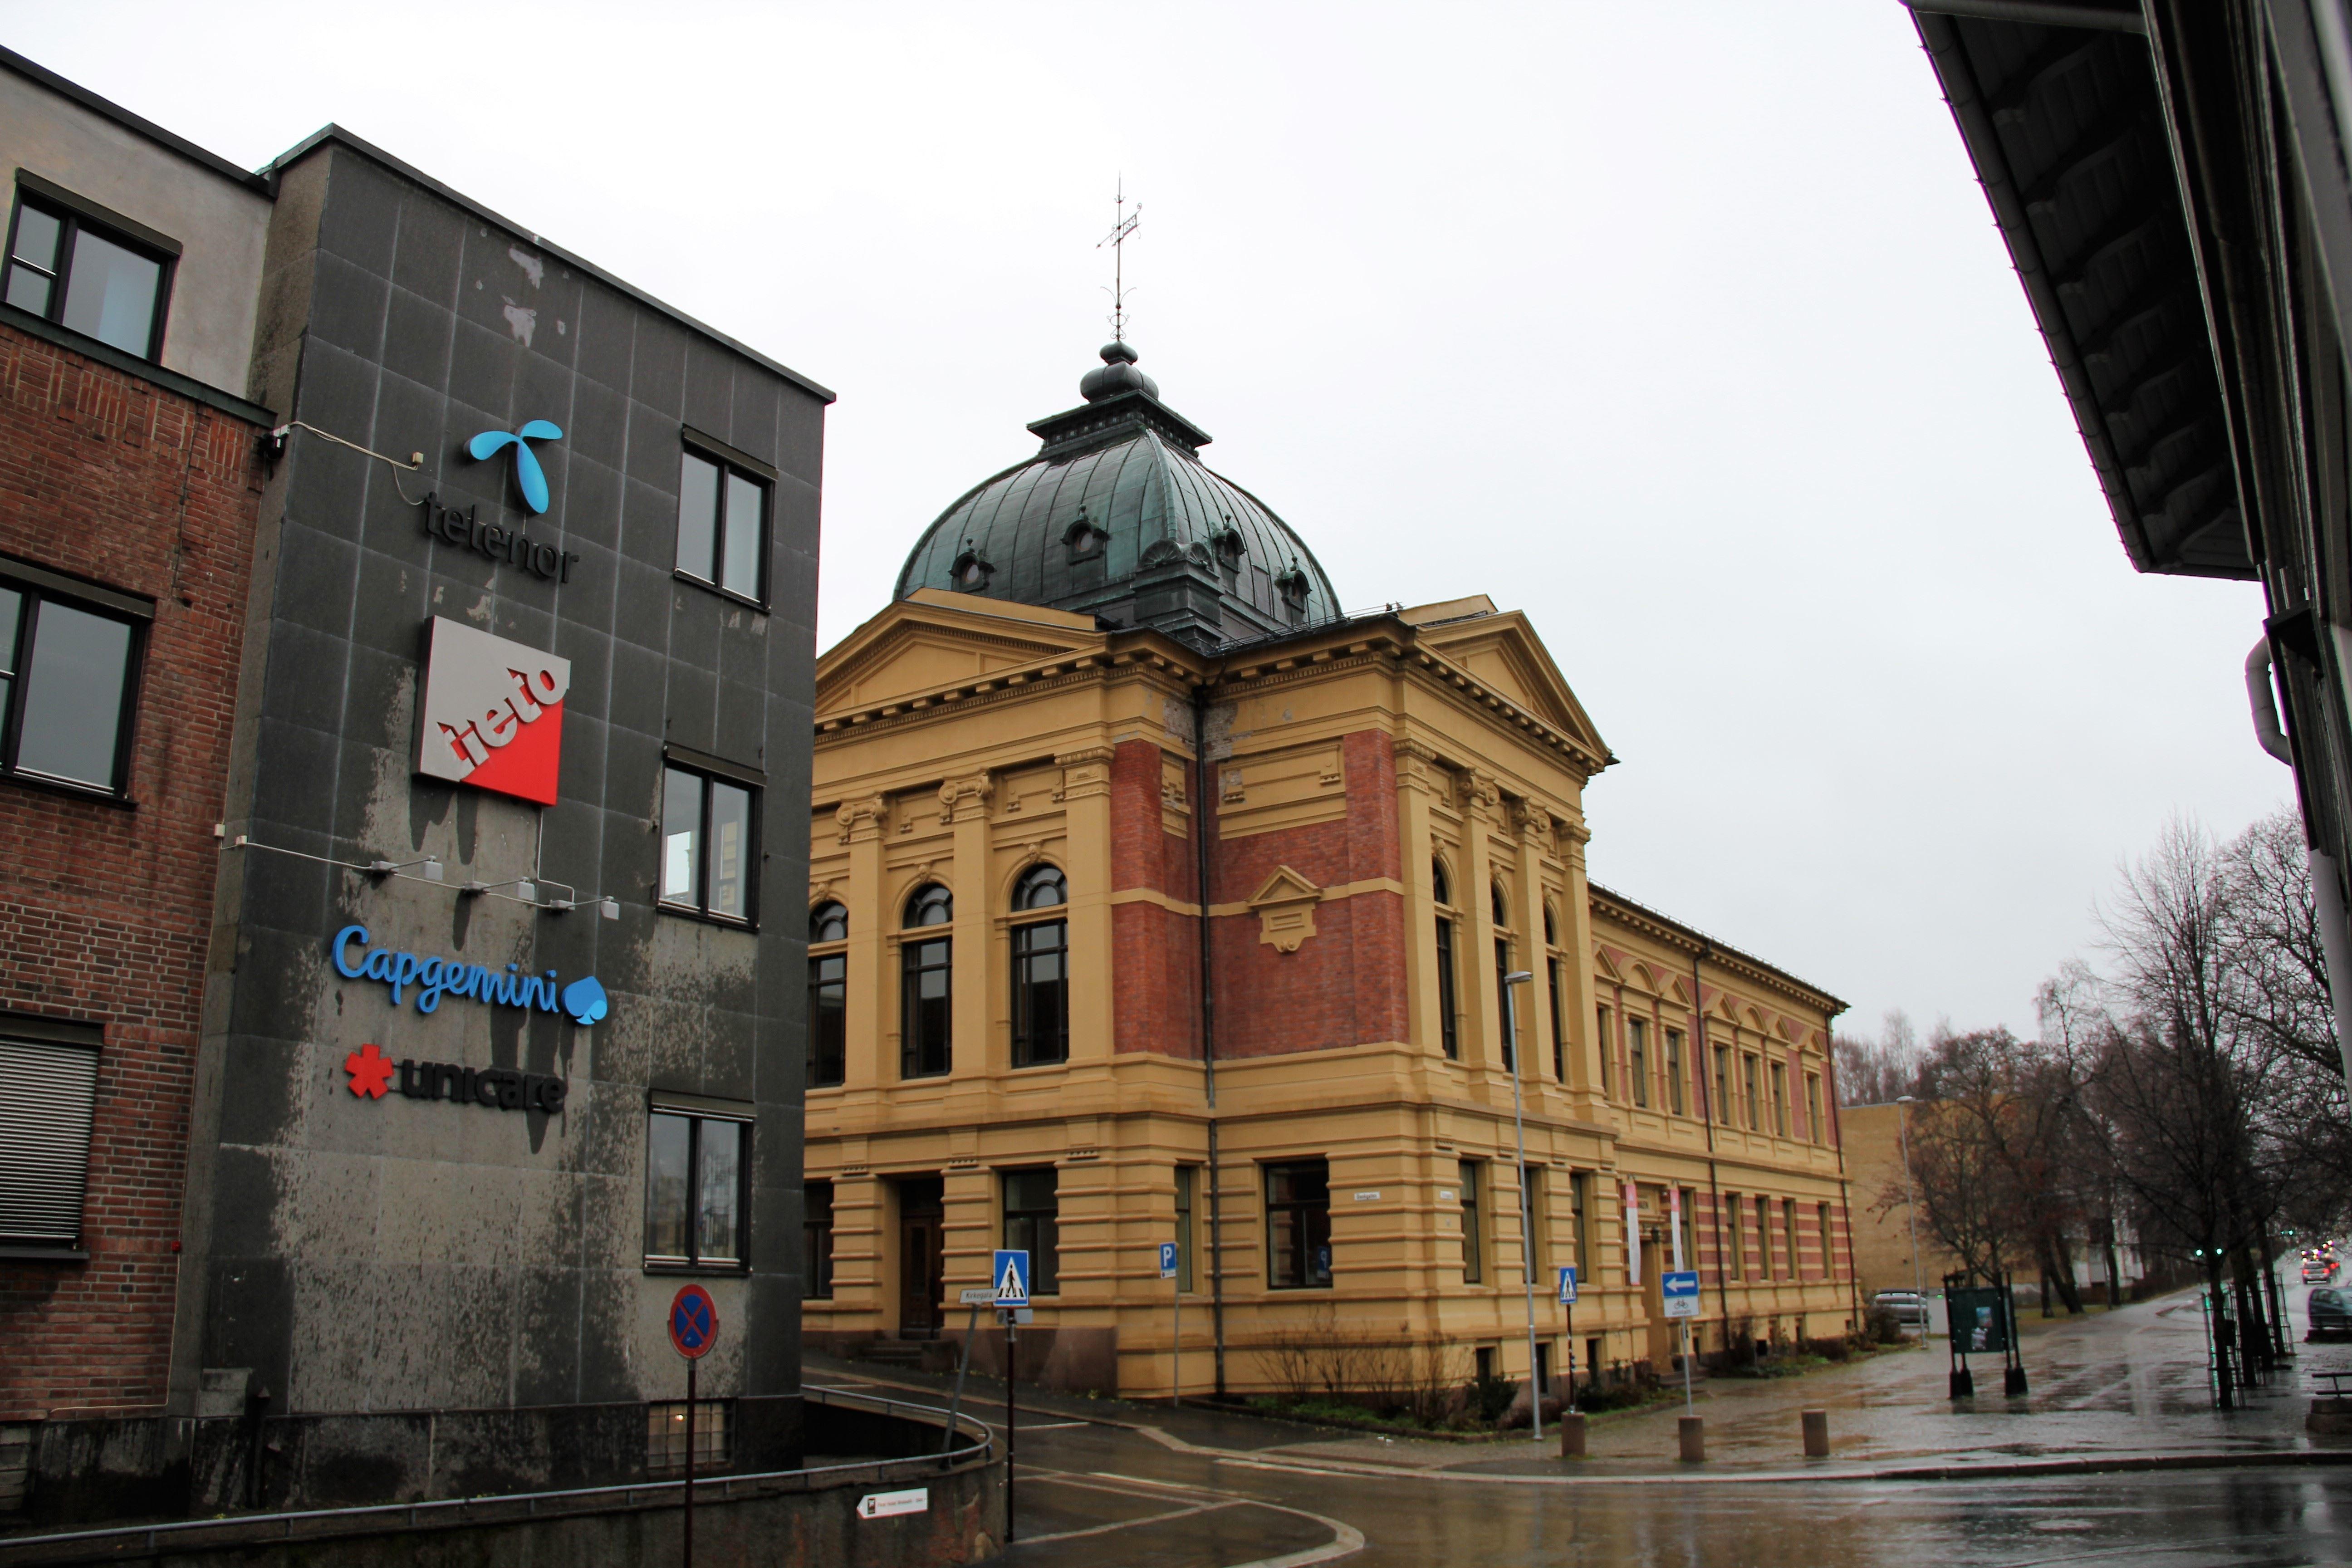 Banken Cultural House